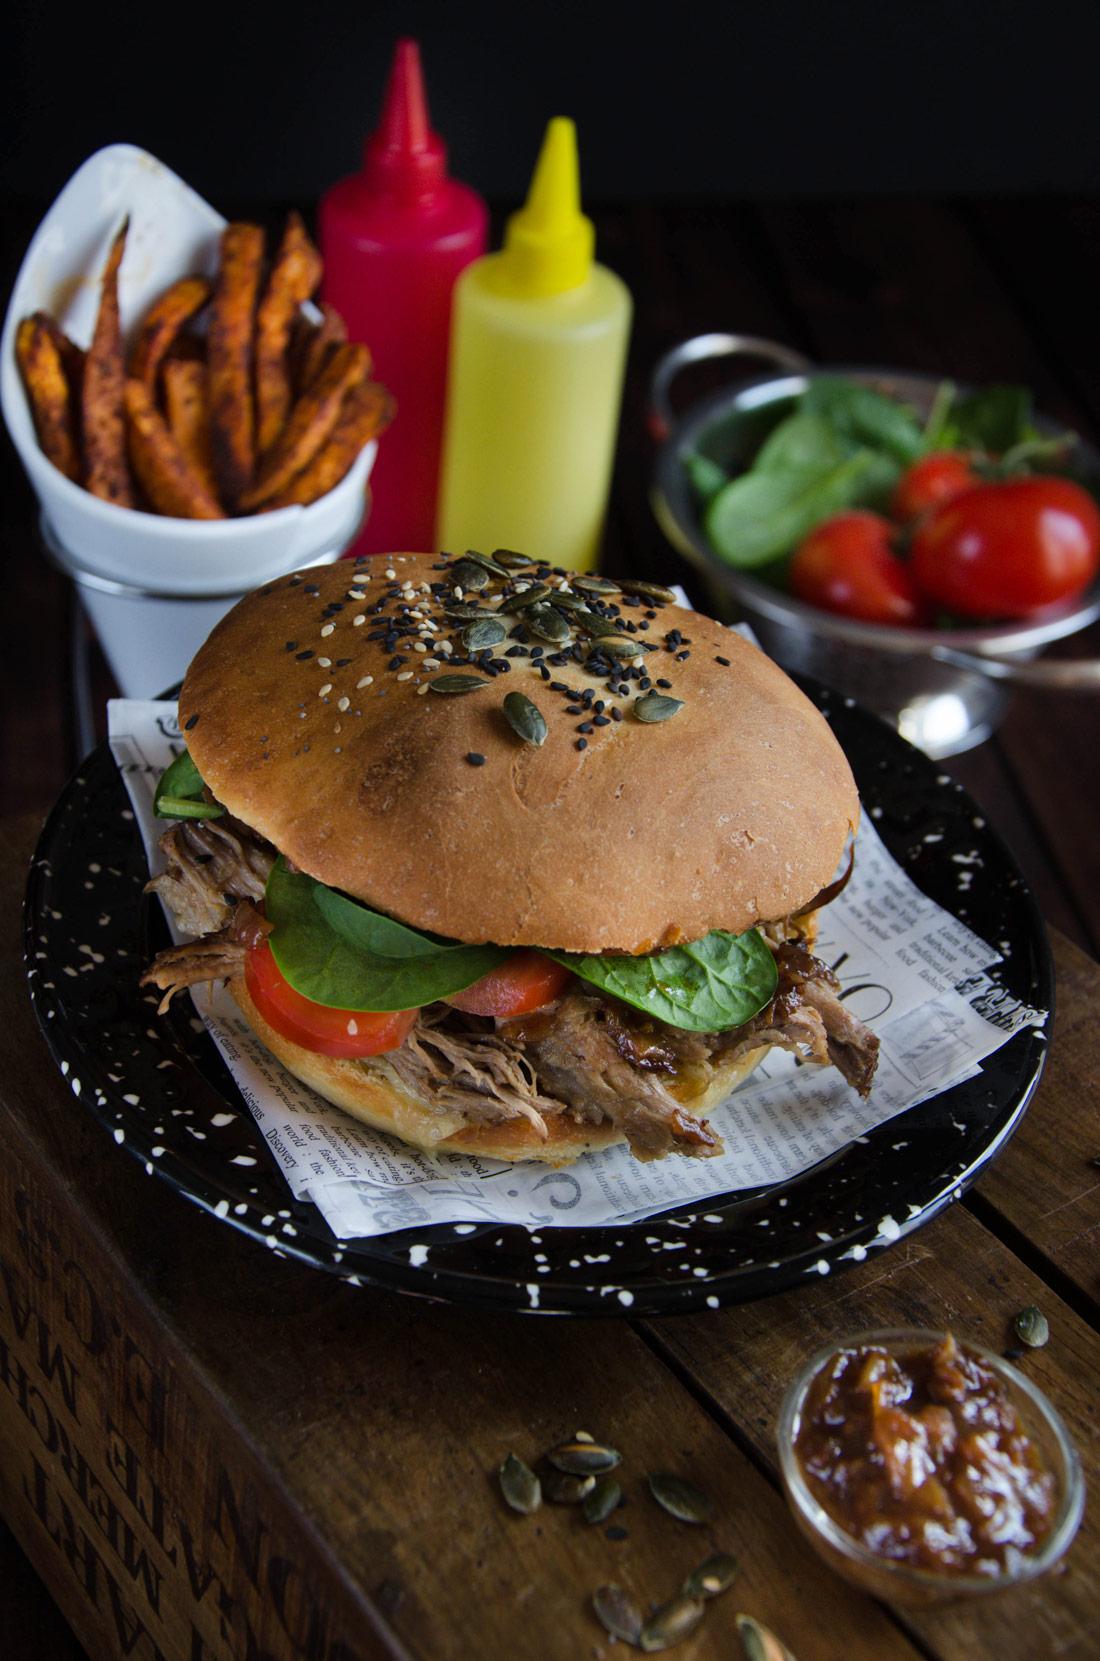 délicieuse recette de burger au porc braisé ou pulled pork